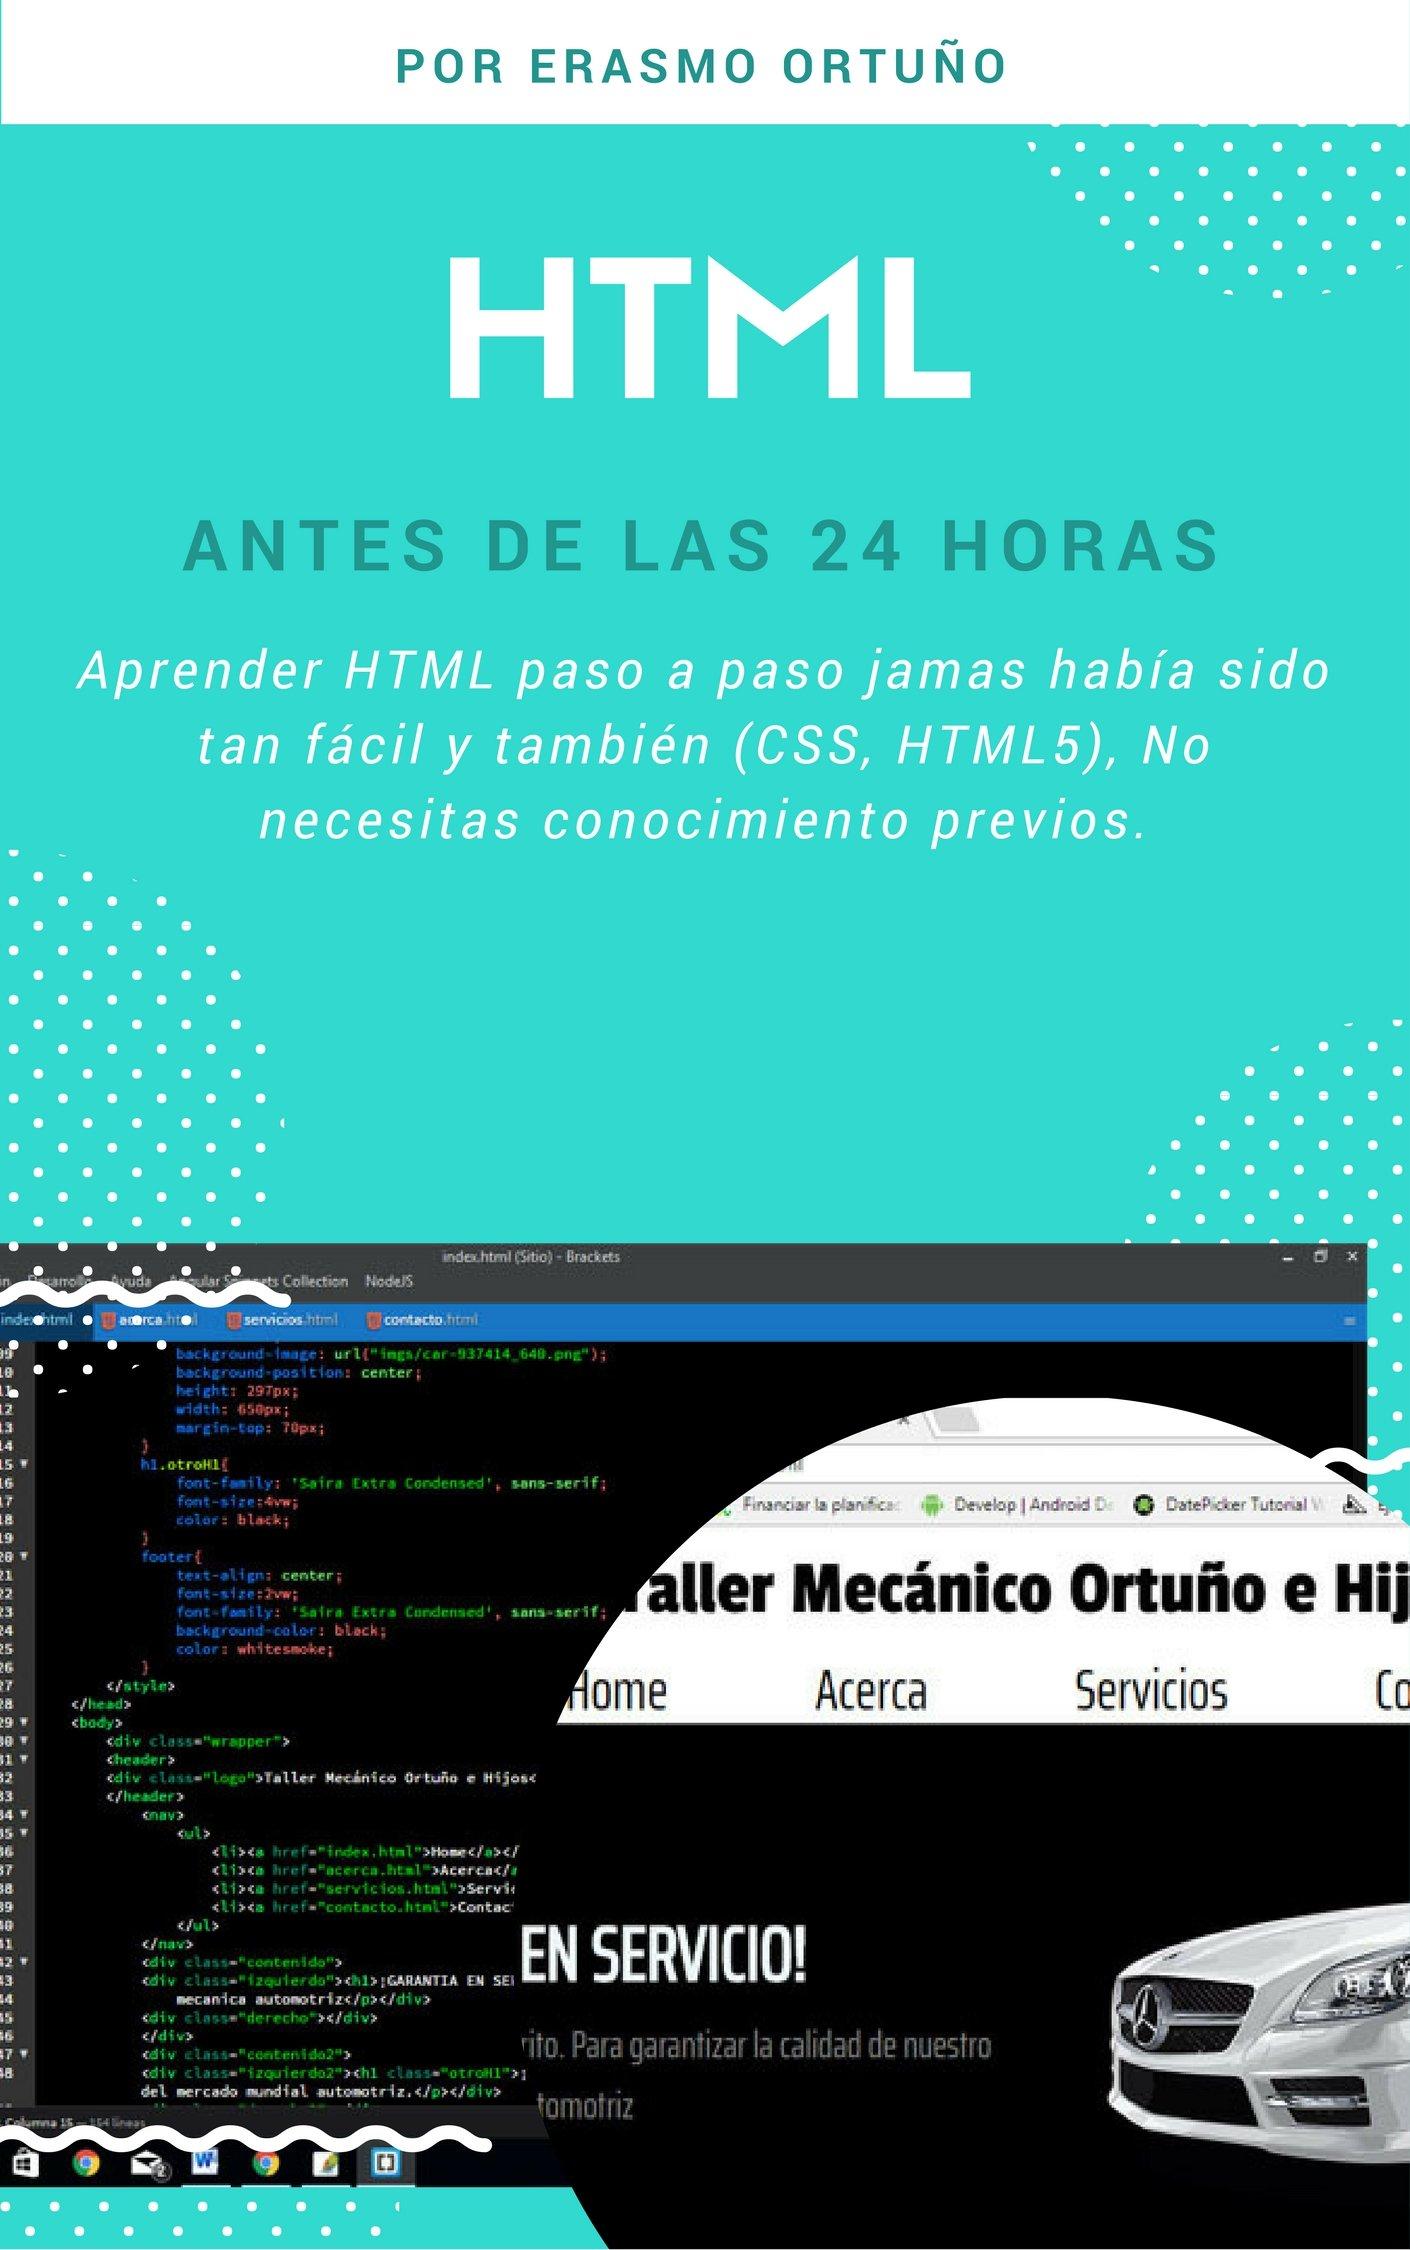 HTML antes de las 24 horas: Aprender HTML paso a paso jamas había sido tan fácil y también (CSS, HTML5), No necesitas conocimiento previos.